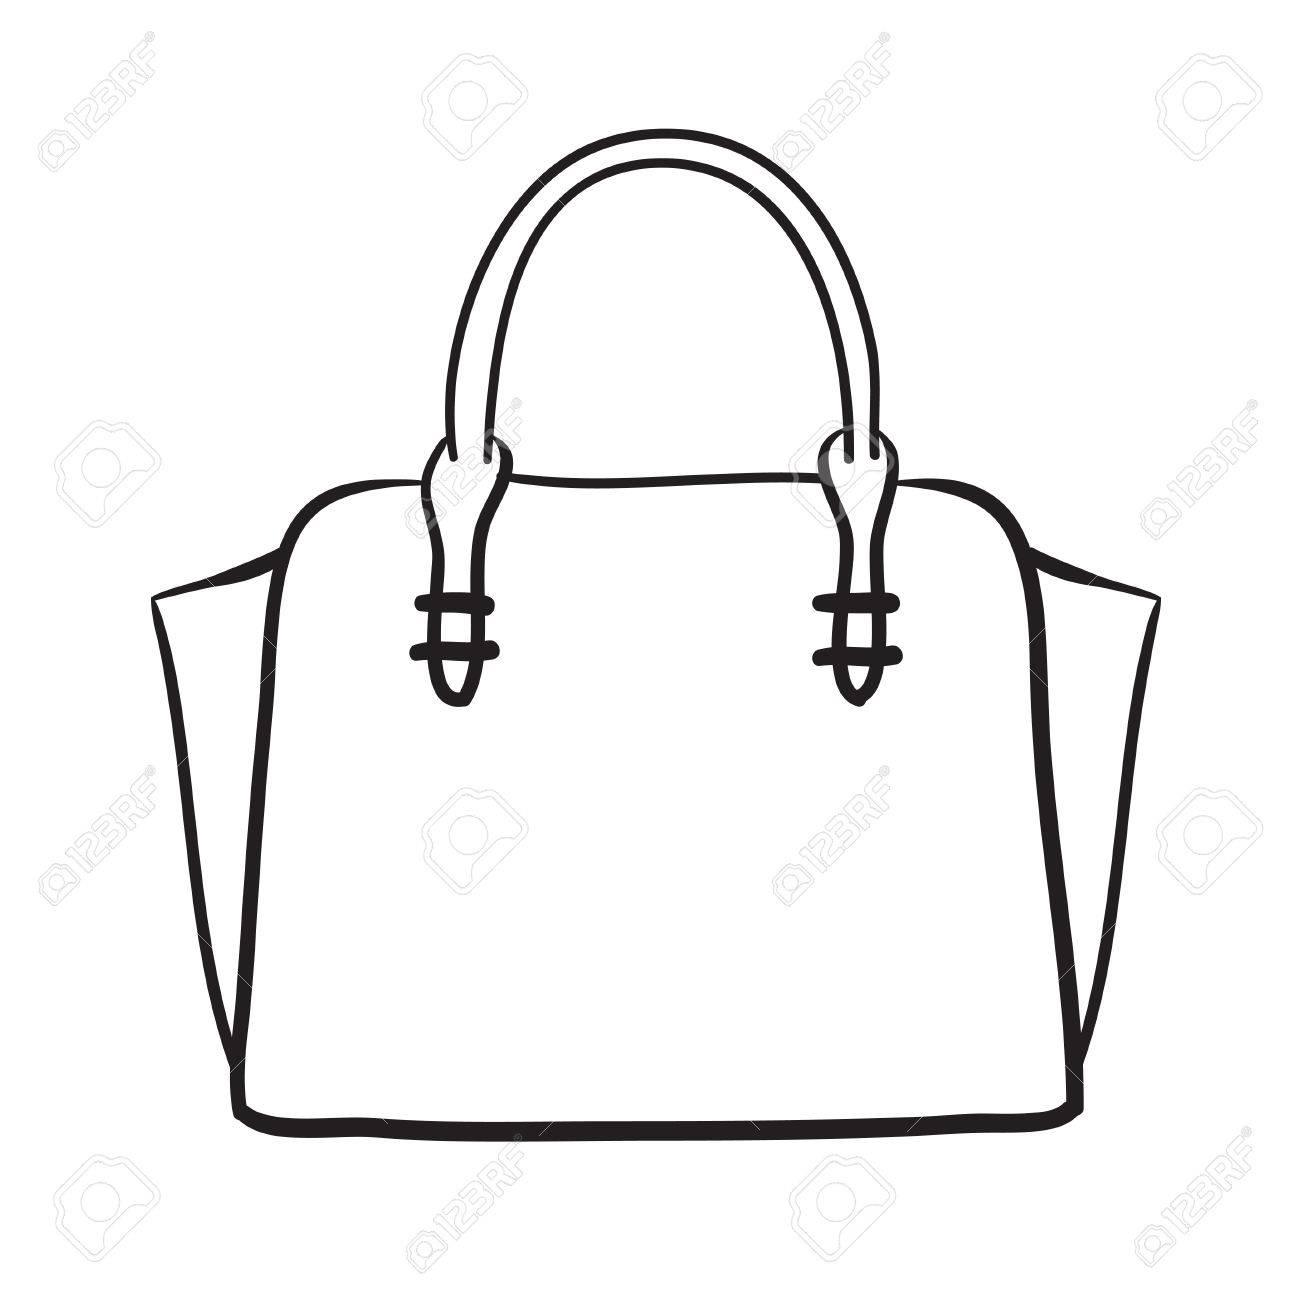 Femme sac tiré par la main, femme élégante vecteur sac fashion illustration lignes noires